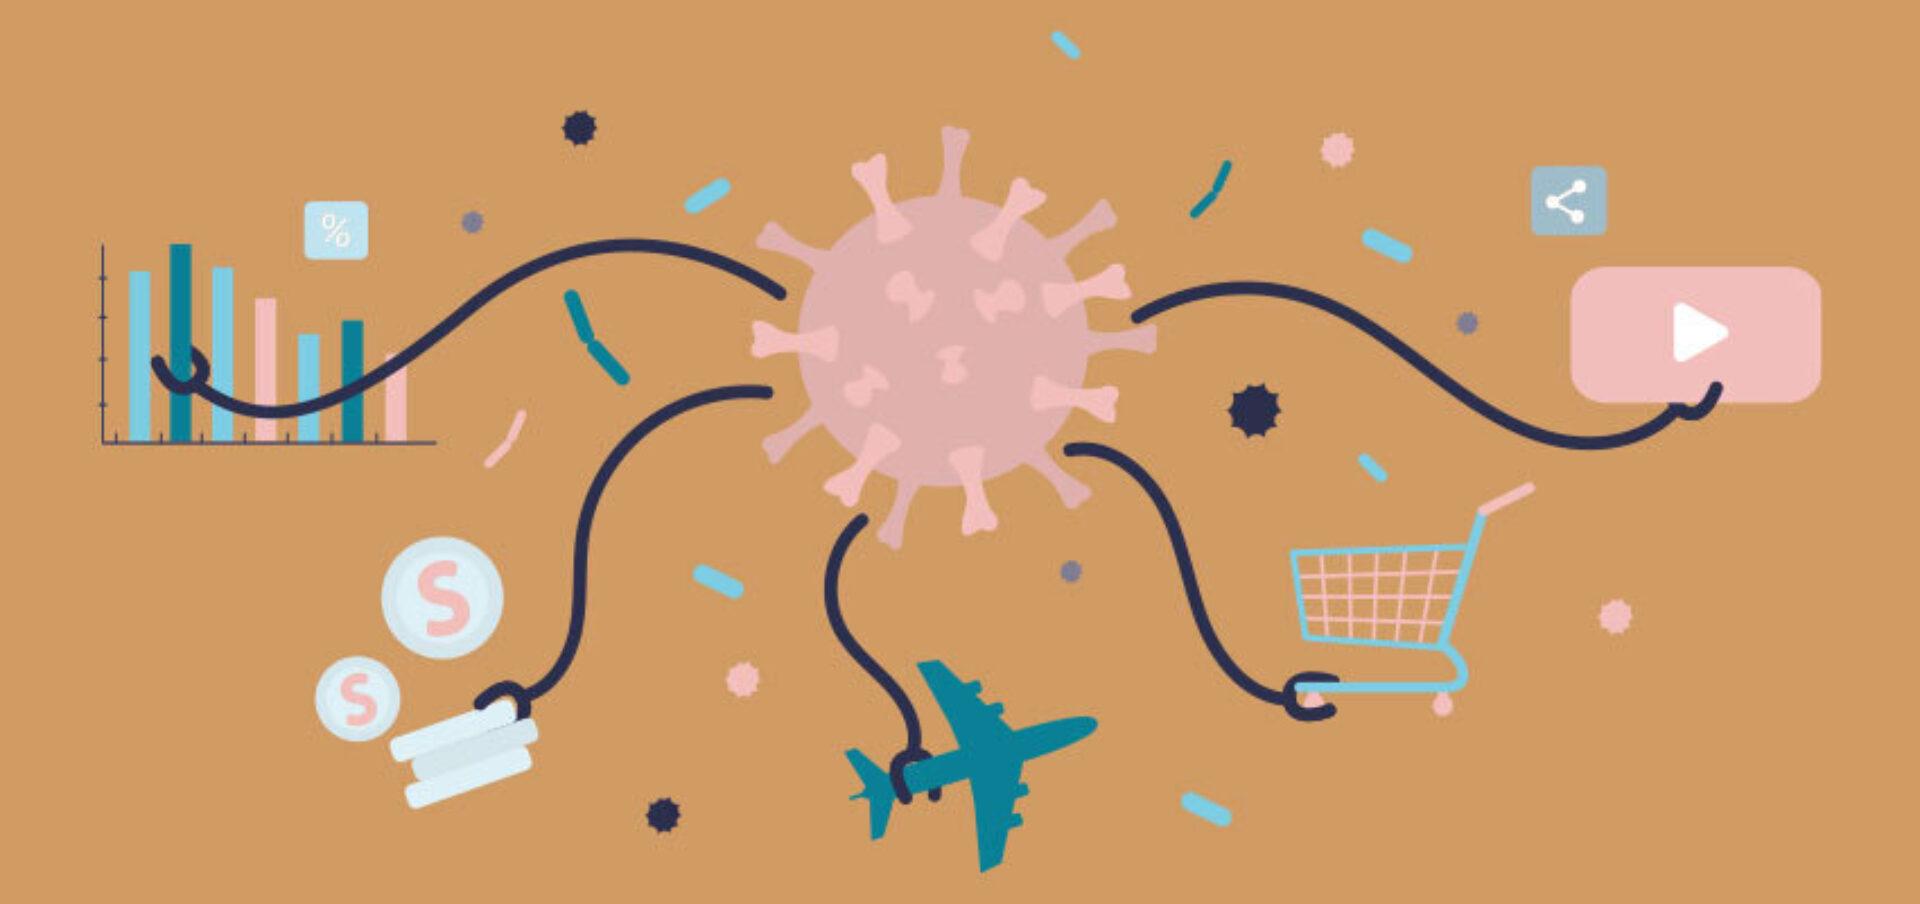 CORONADOSSIER / Tijd voor een vermenselijkte economie na de coronacrisis